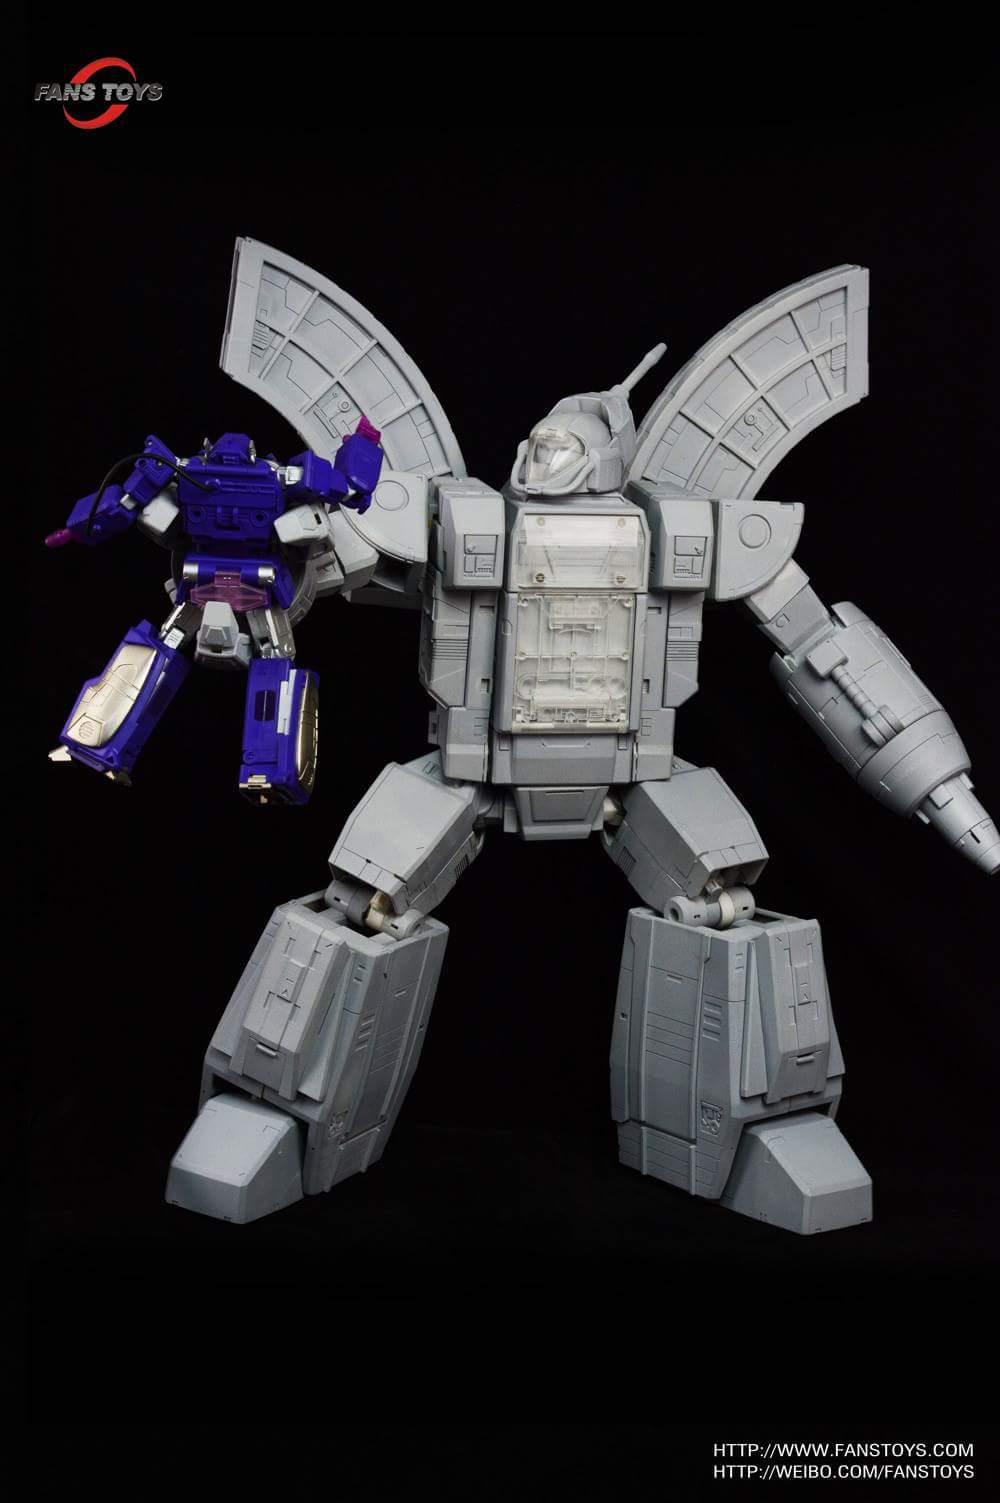 [Fanstoys] Produit Tiers - Jouets FT-20 et FT-20G Terminus Giganticus - aka Oméga Suprême et Omega Sentinel (Gardien de Cybertron) Mlgzwa64